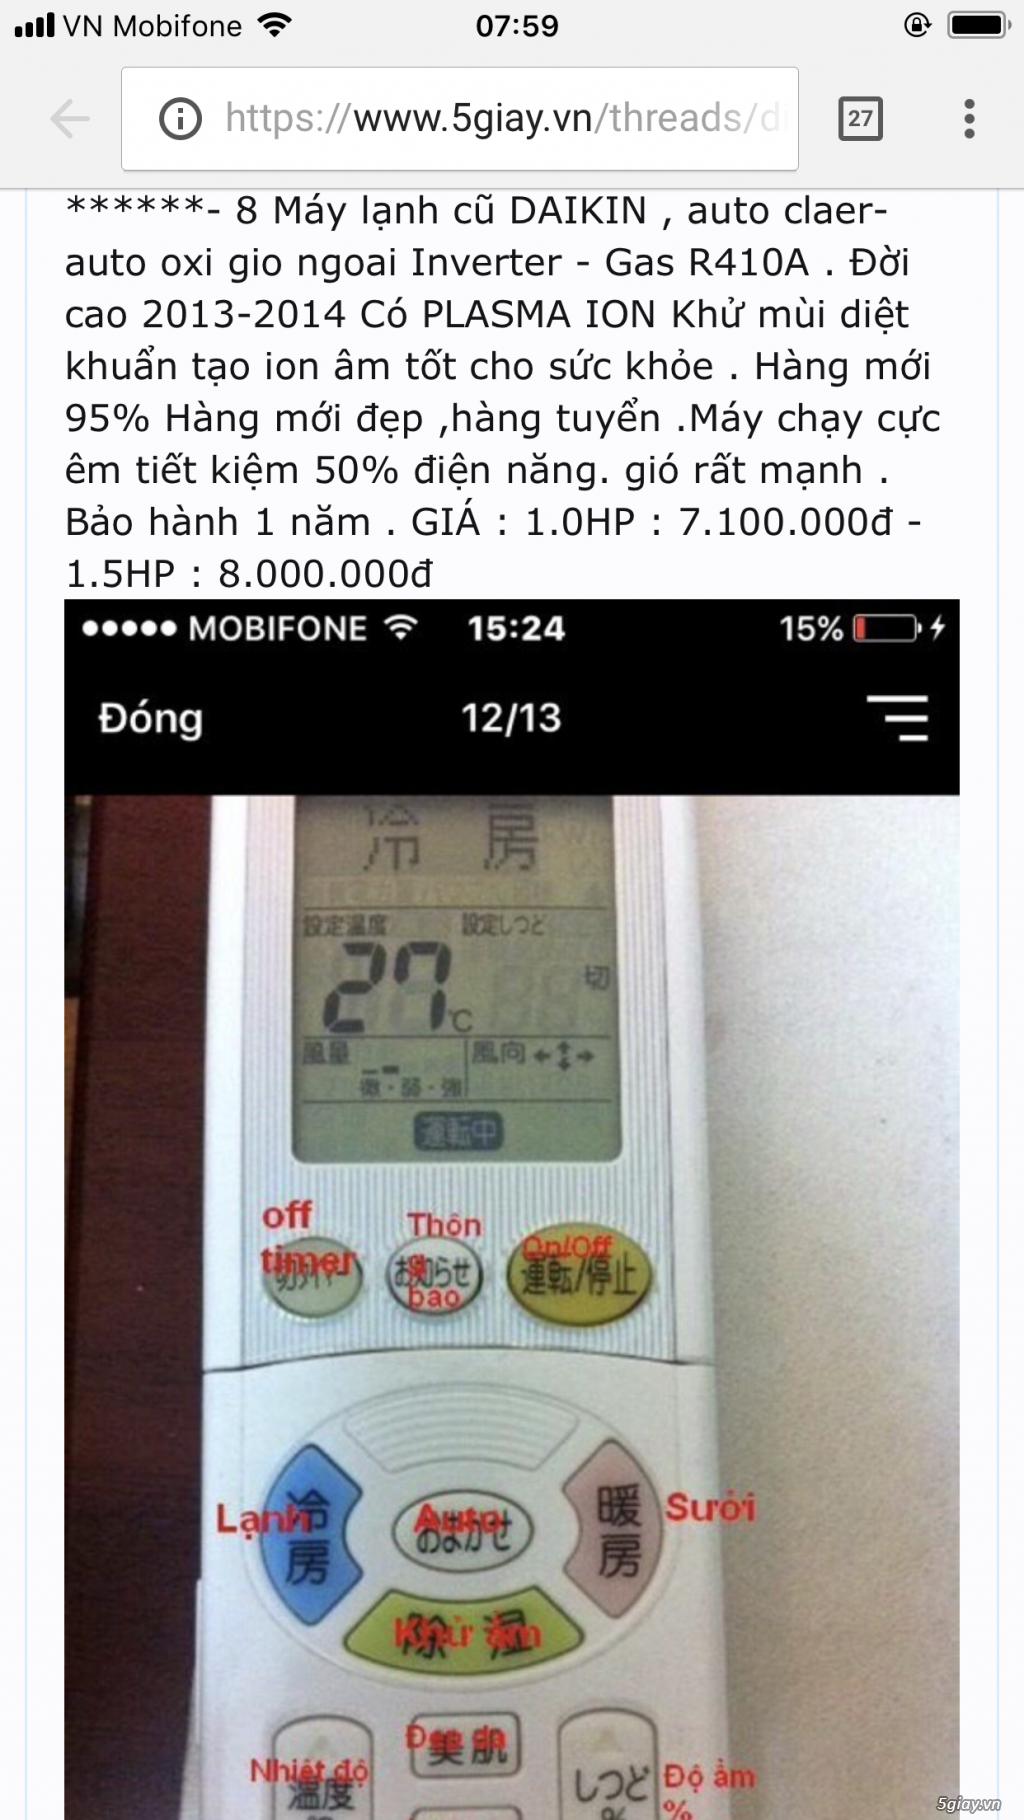 Điều Hoà DAIKIN,TOSHIBA hàng Nội Địa Nhật cũ inverter  gas R410A-R32đời víp 2016-2018 giá rẻ mới 90%